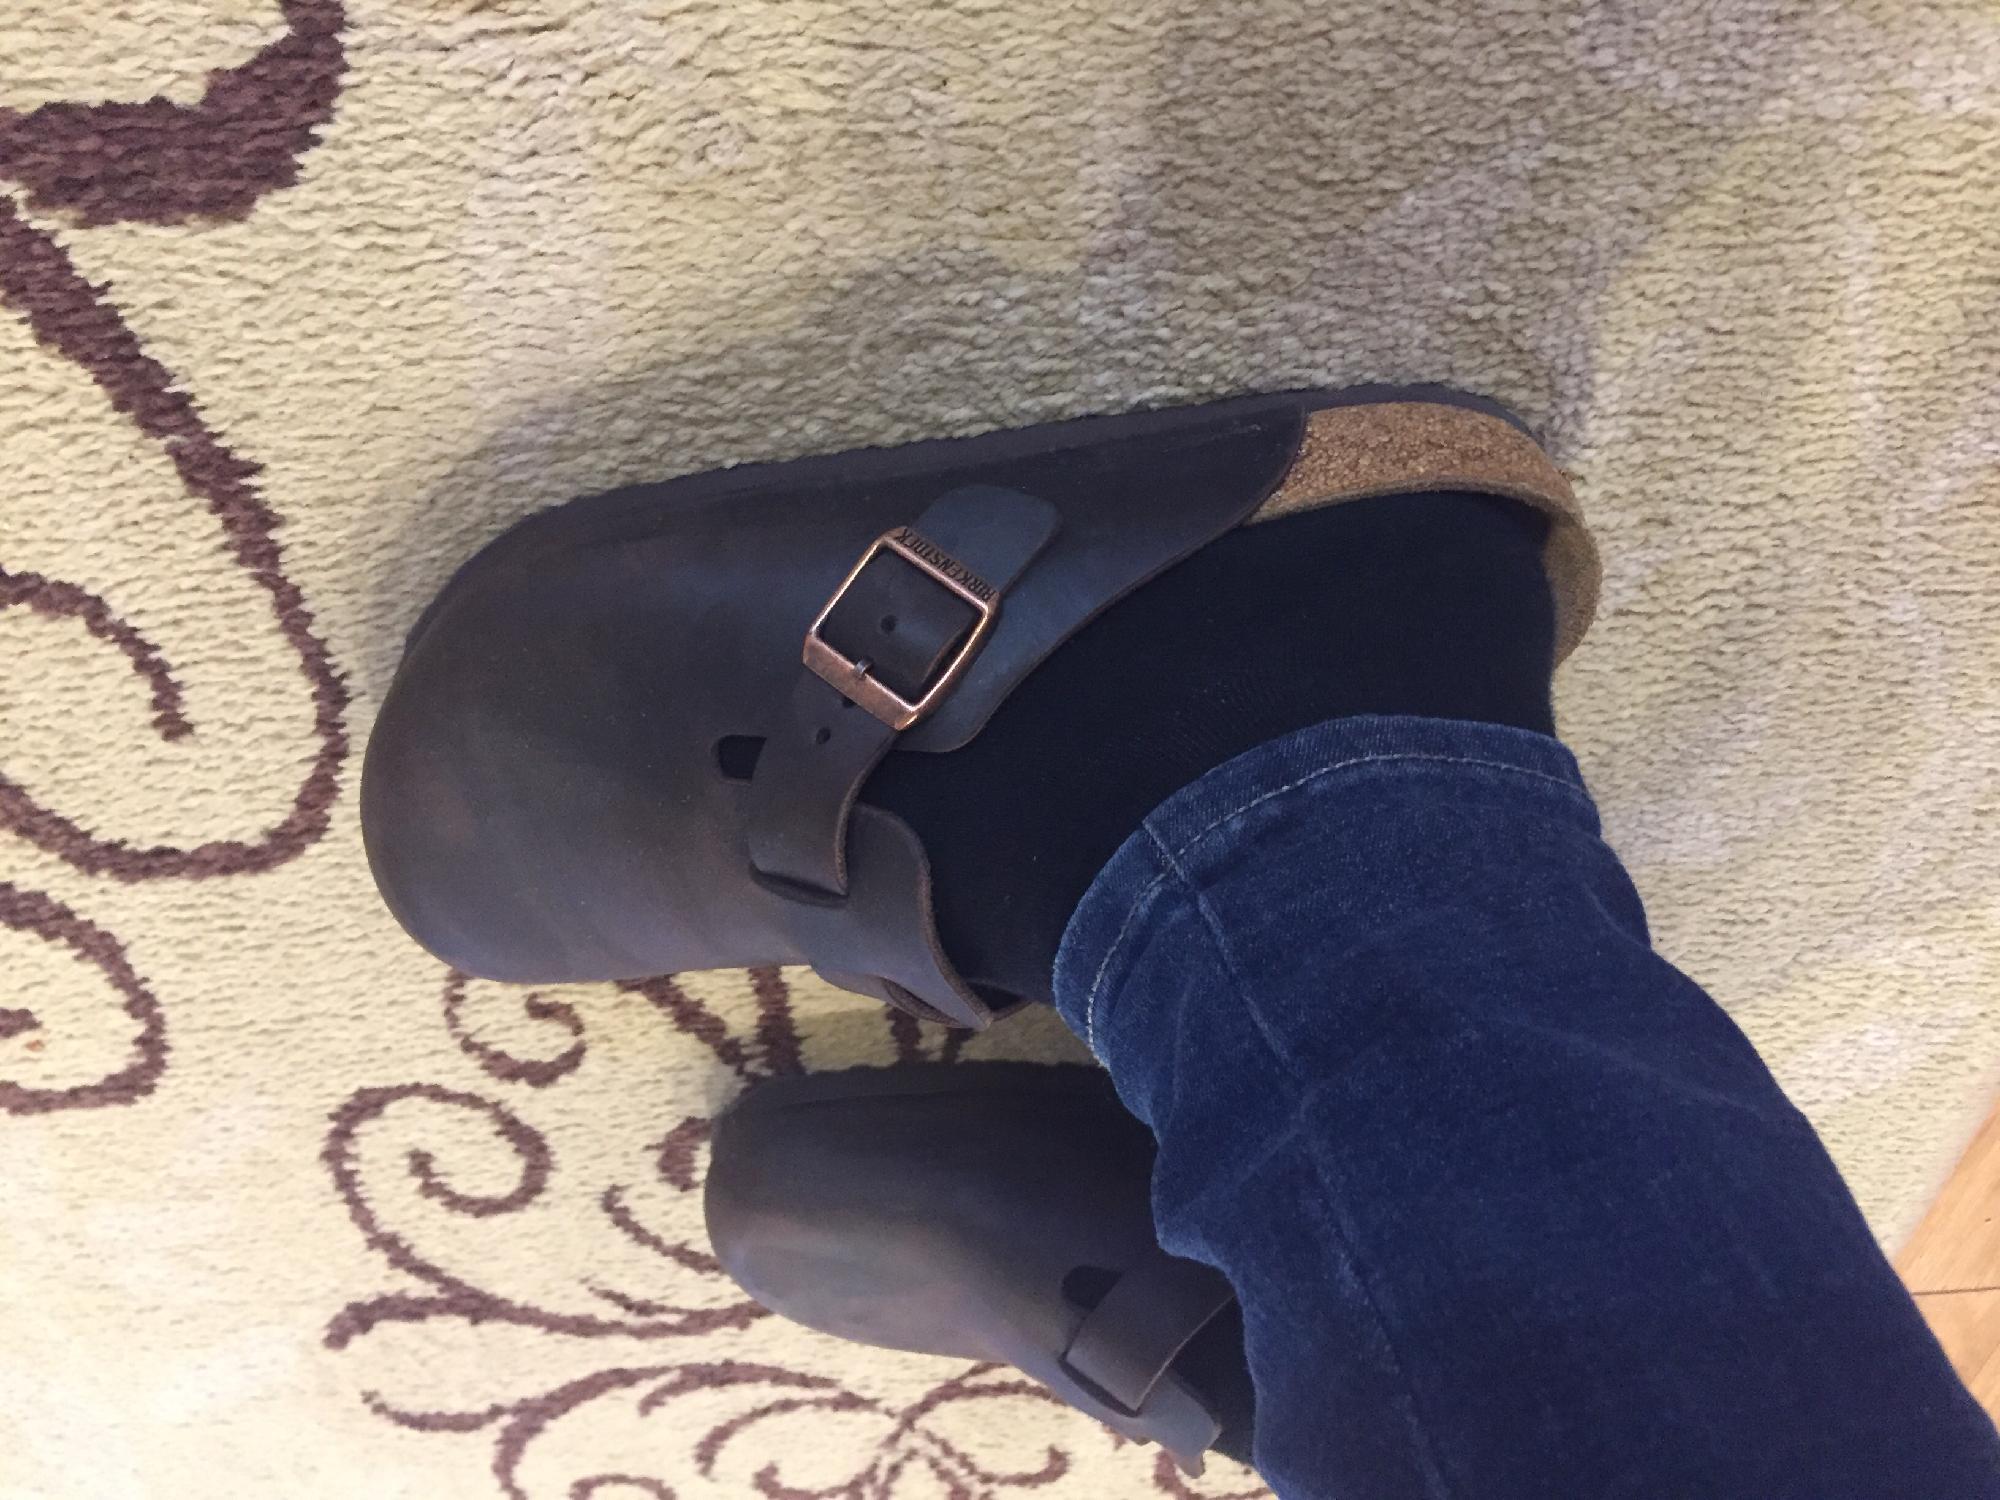 eb87d2e06777 Birkenstock Boston Soft Footbed (Unisex) at Zappos.com